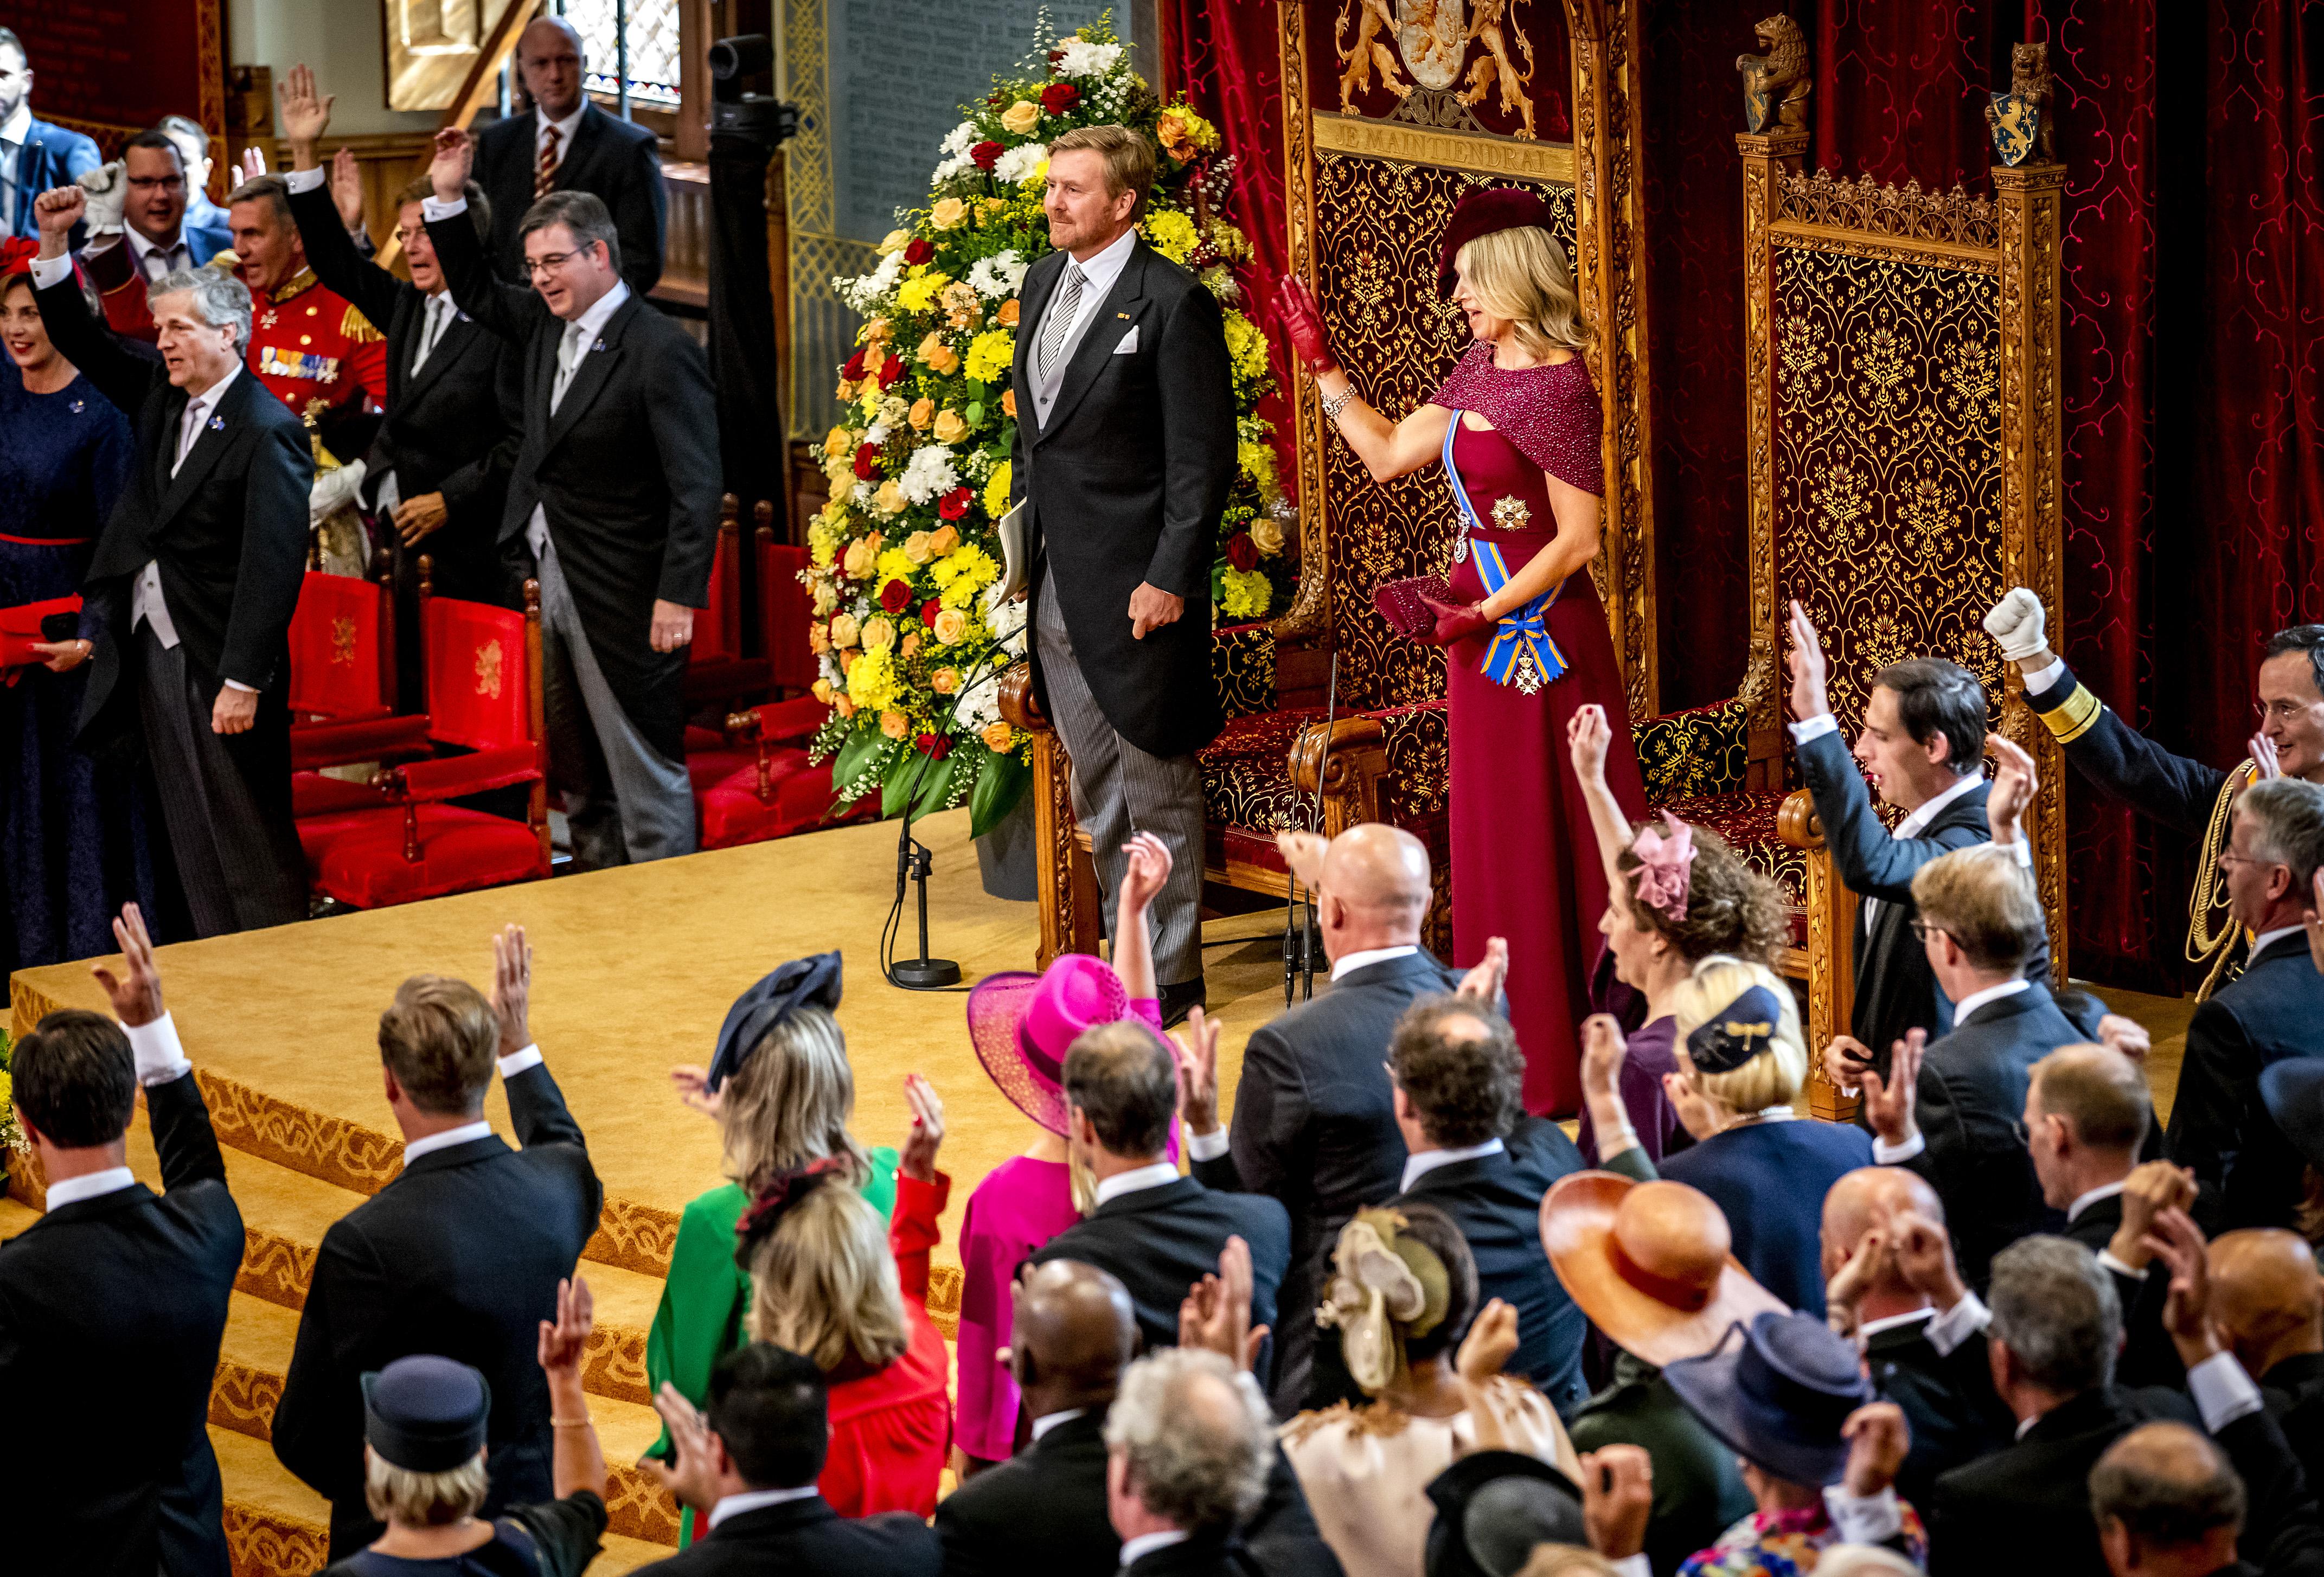 Op deze foto is een moment tijdens Prinsjesdag 2019 te zien, de koning en koningin staan, het is druk in de zaal.